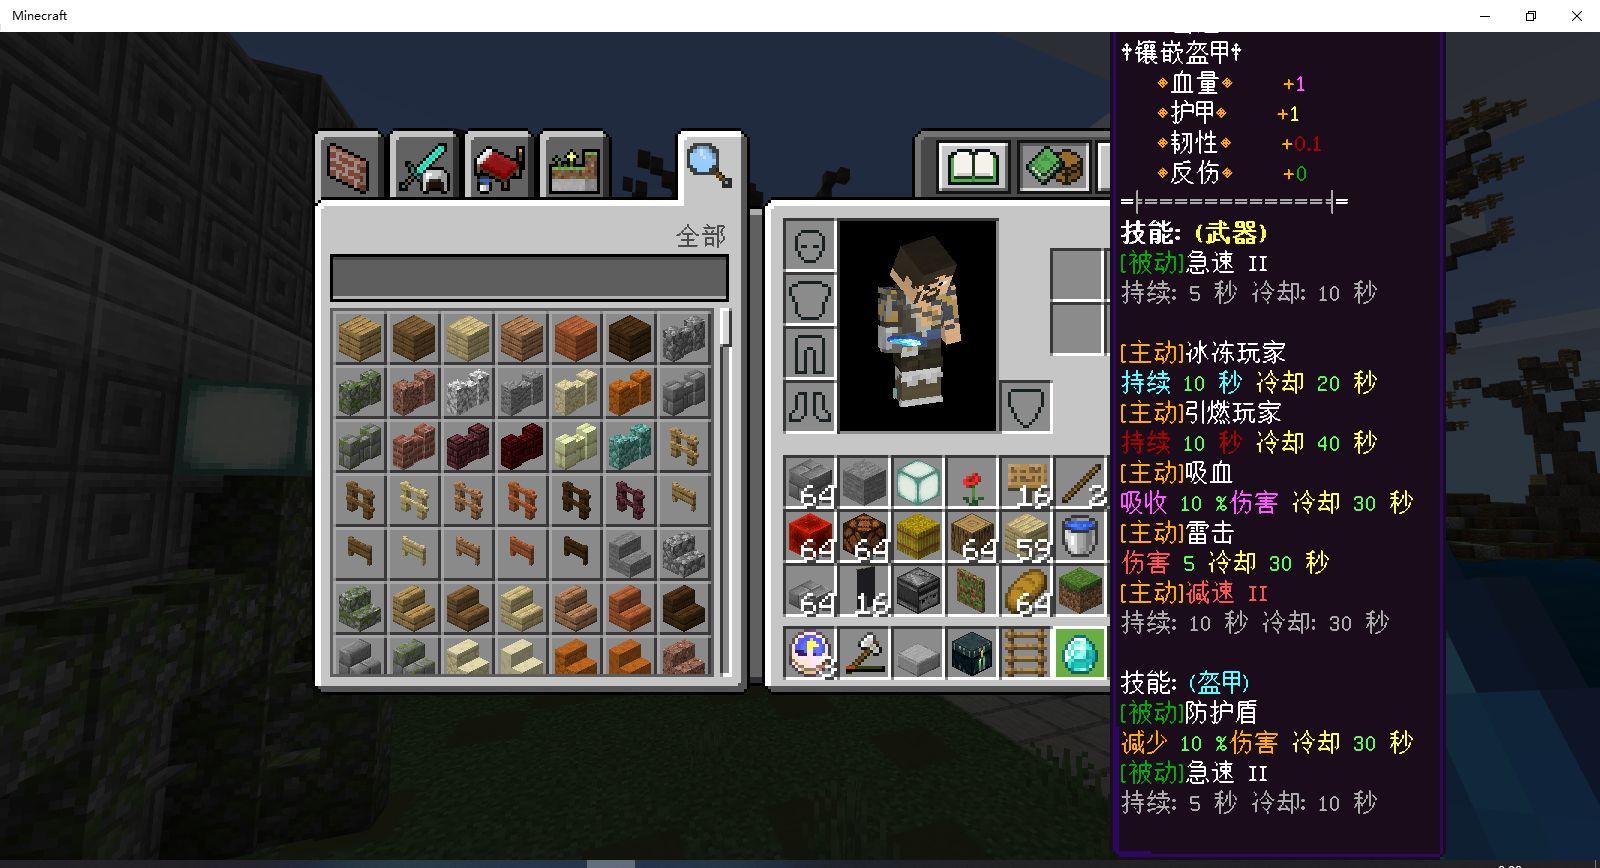 file_1582823402000.jpg